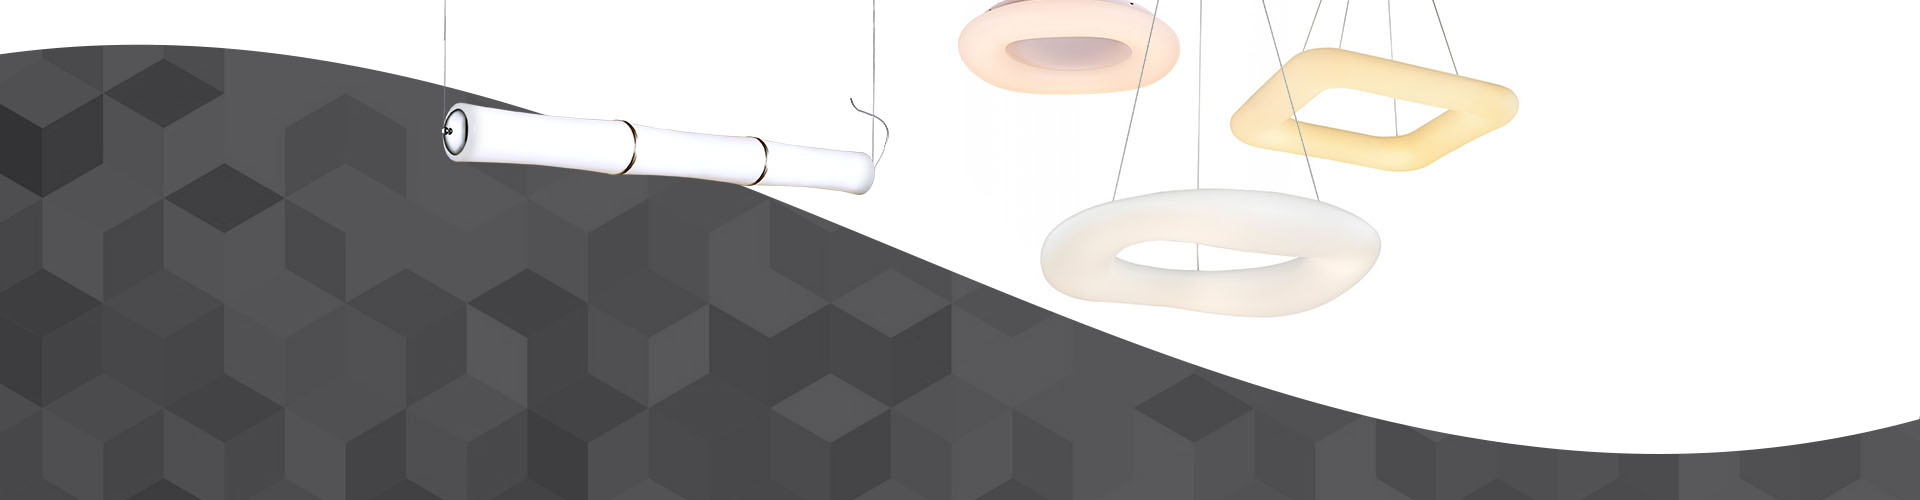 Nuovi prodotti a pendente di DESIGN V-TAC